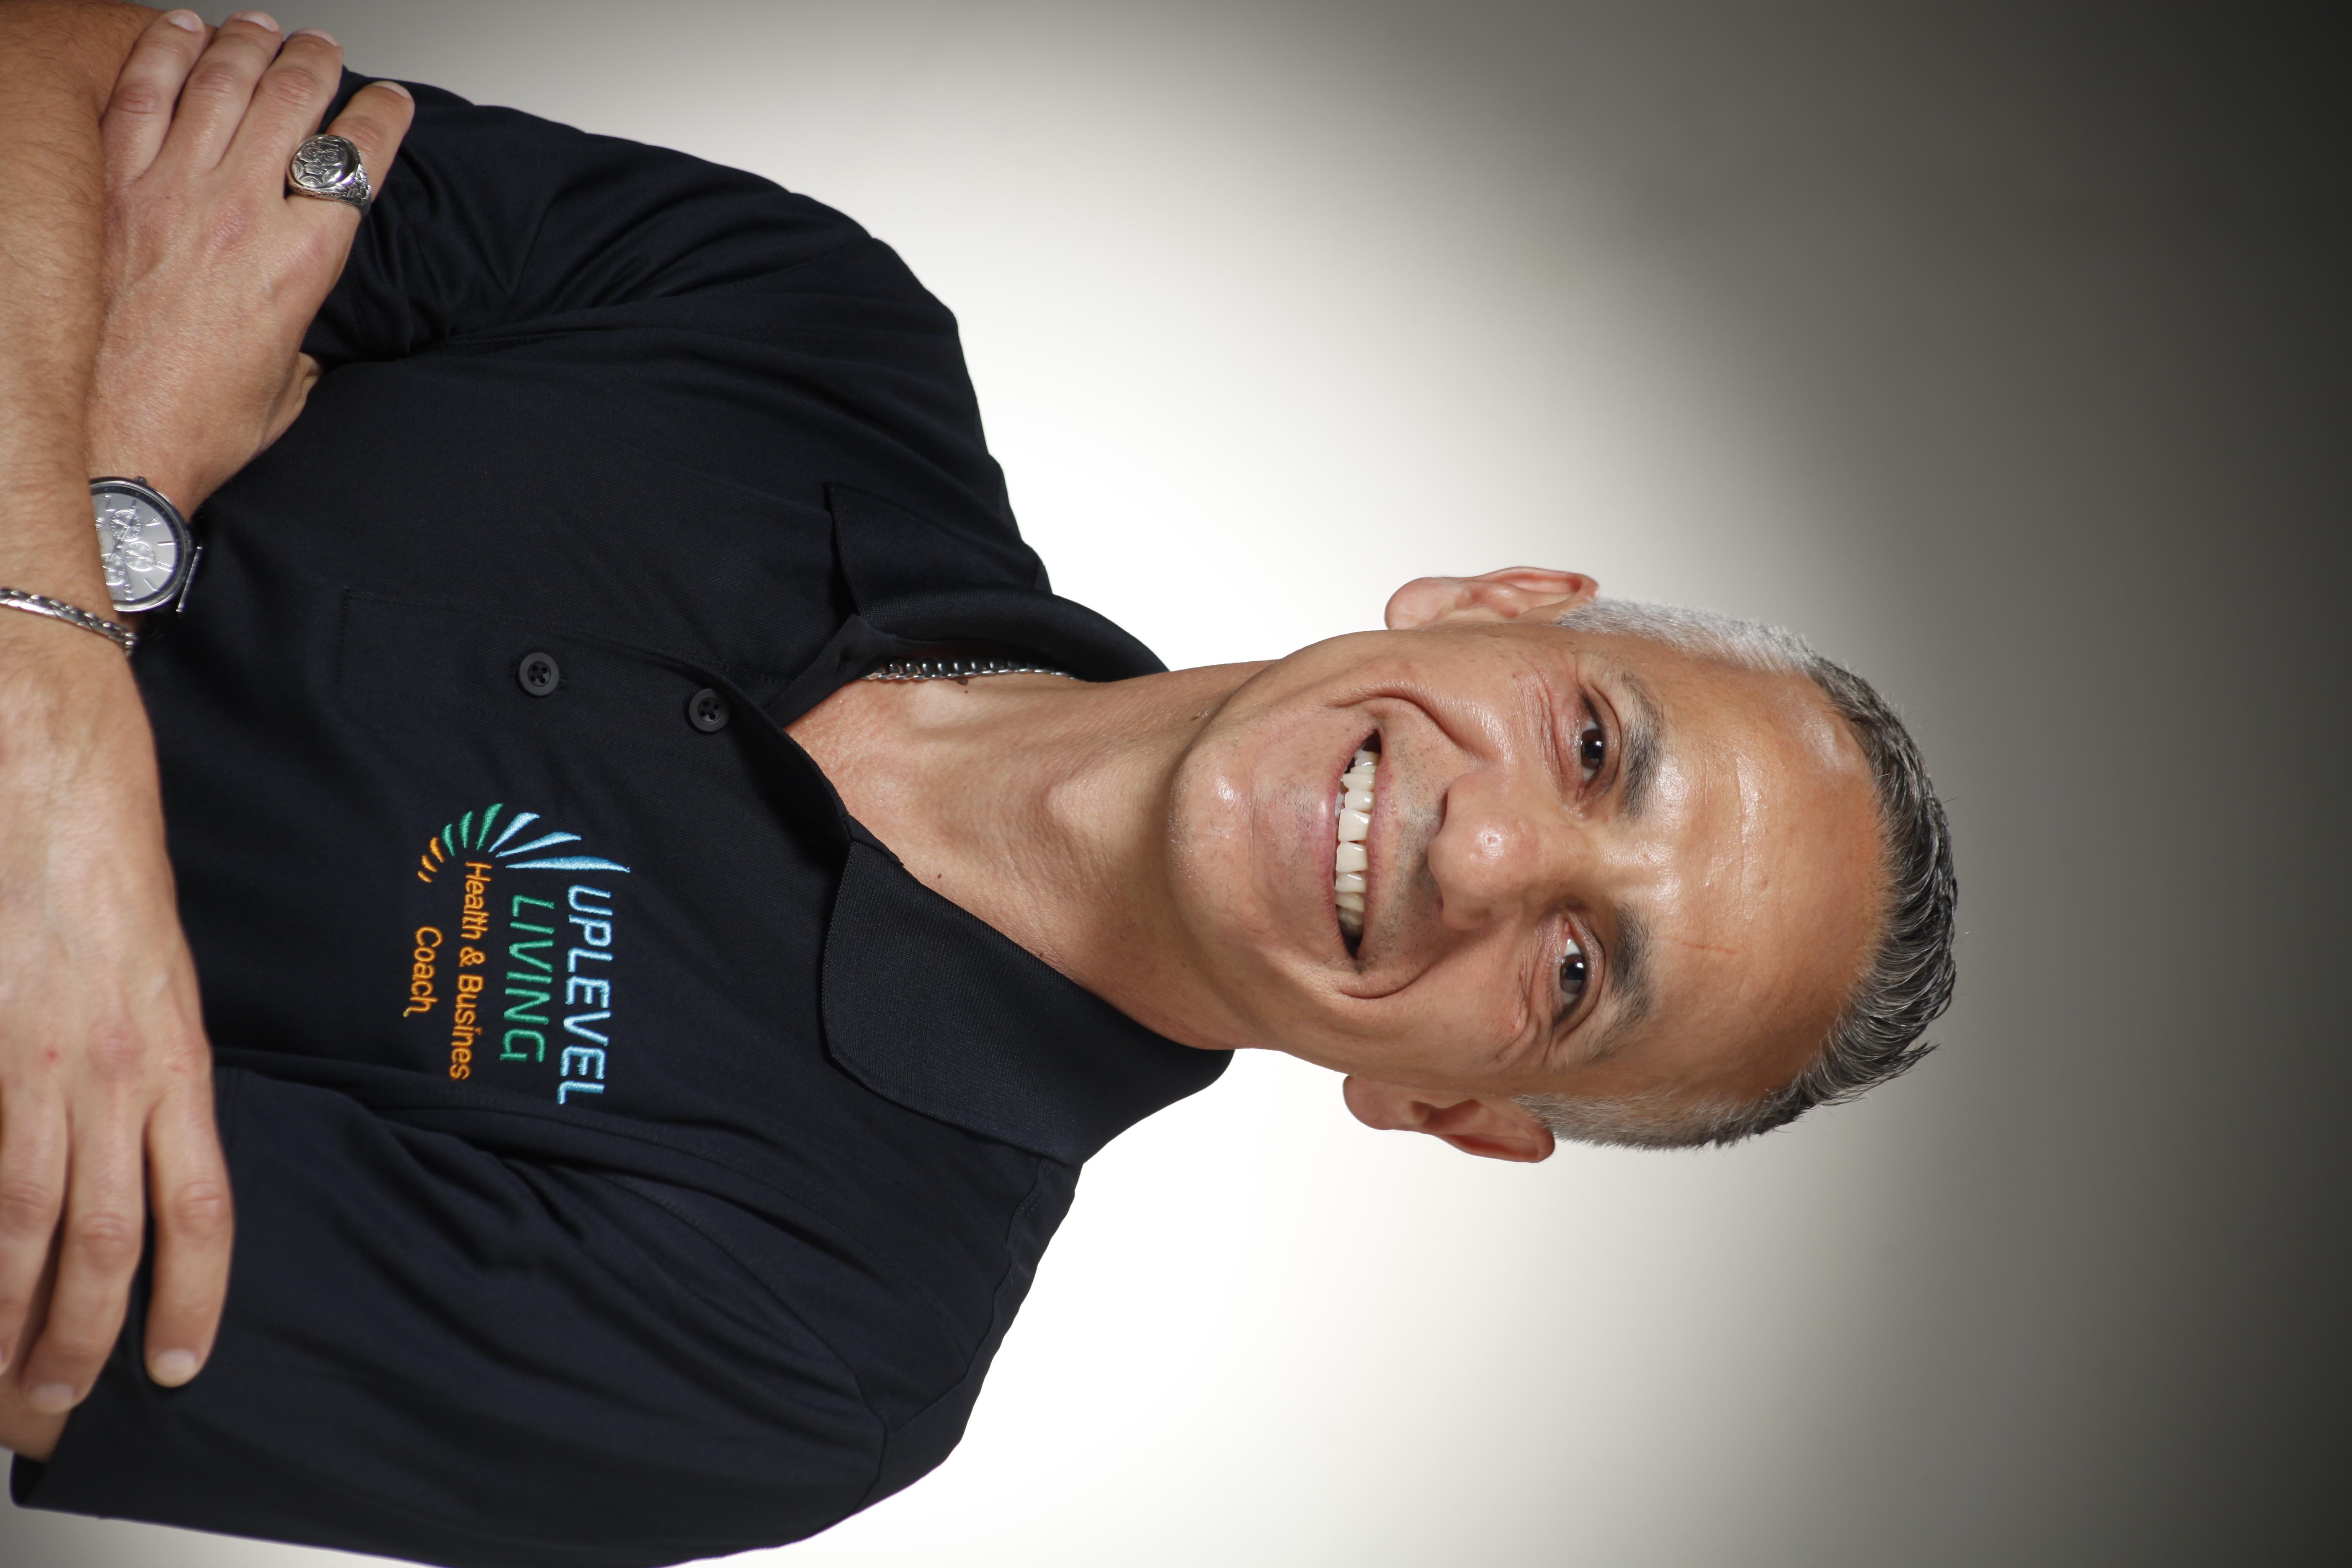 John Garcia, Certified Health Coach